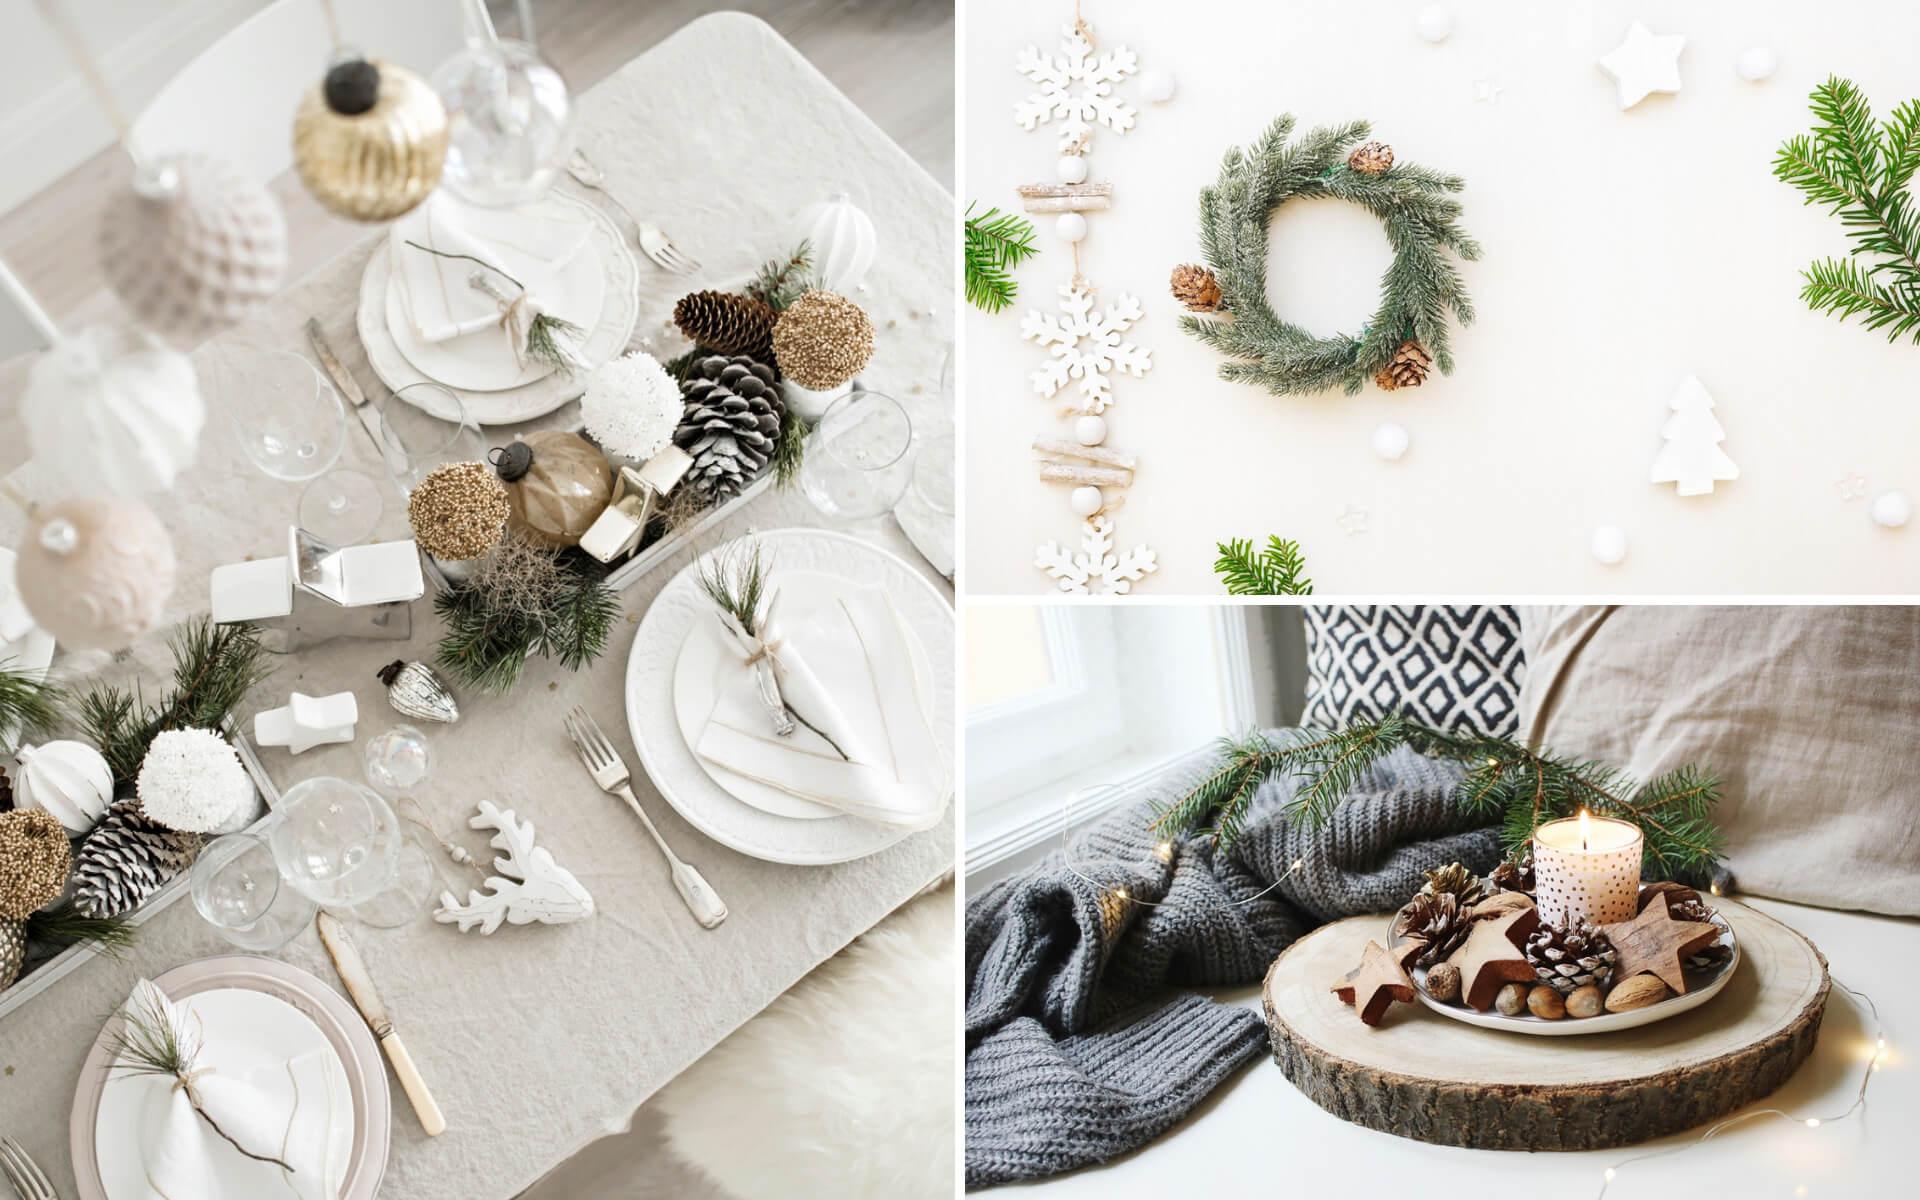 Idee per decorare la casa durante il natale in stile cozy tradizionale